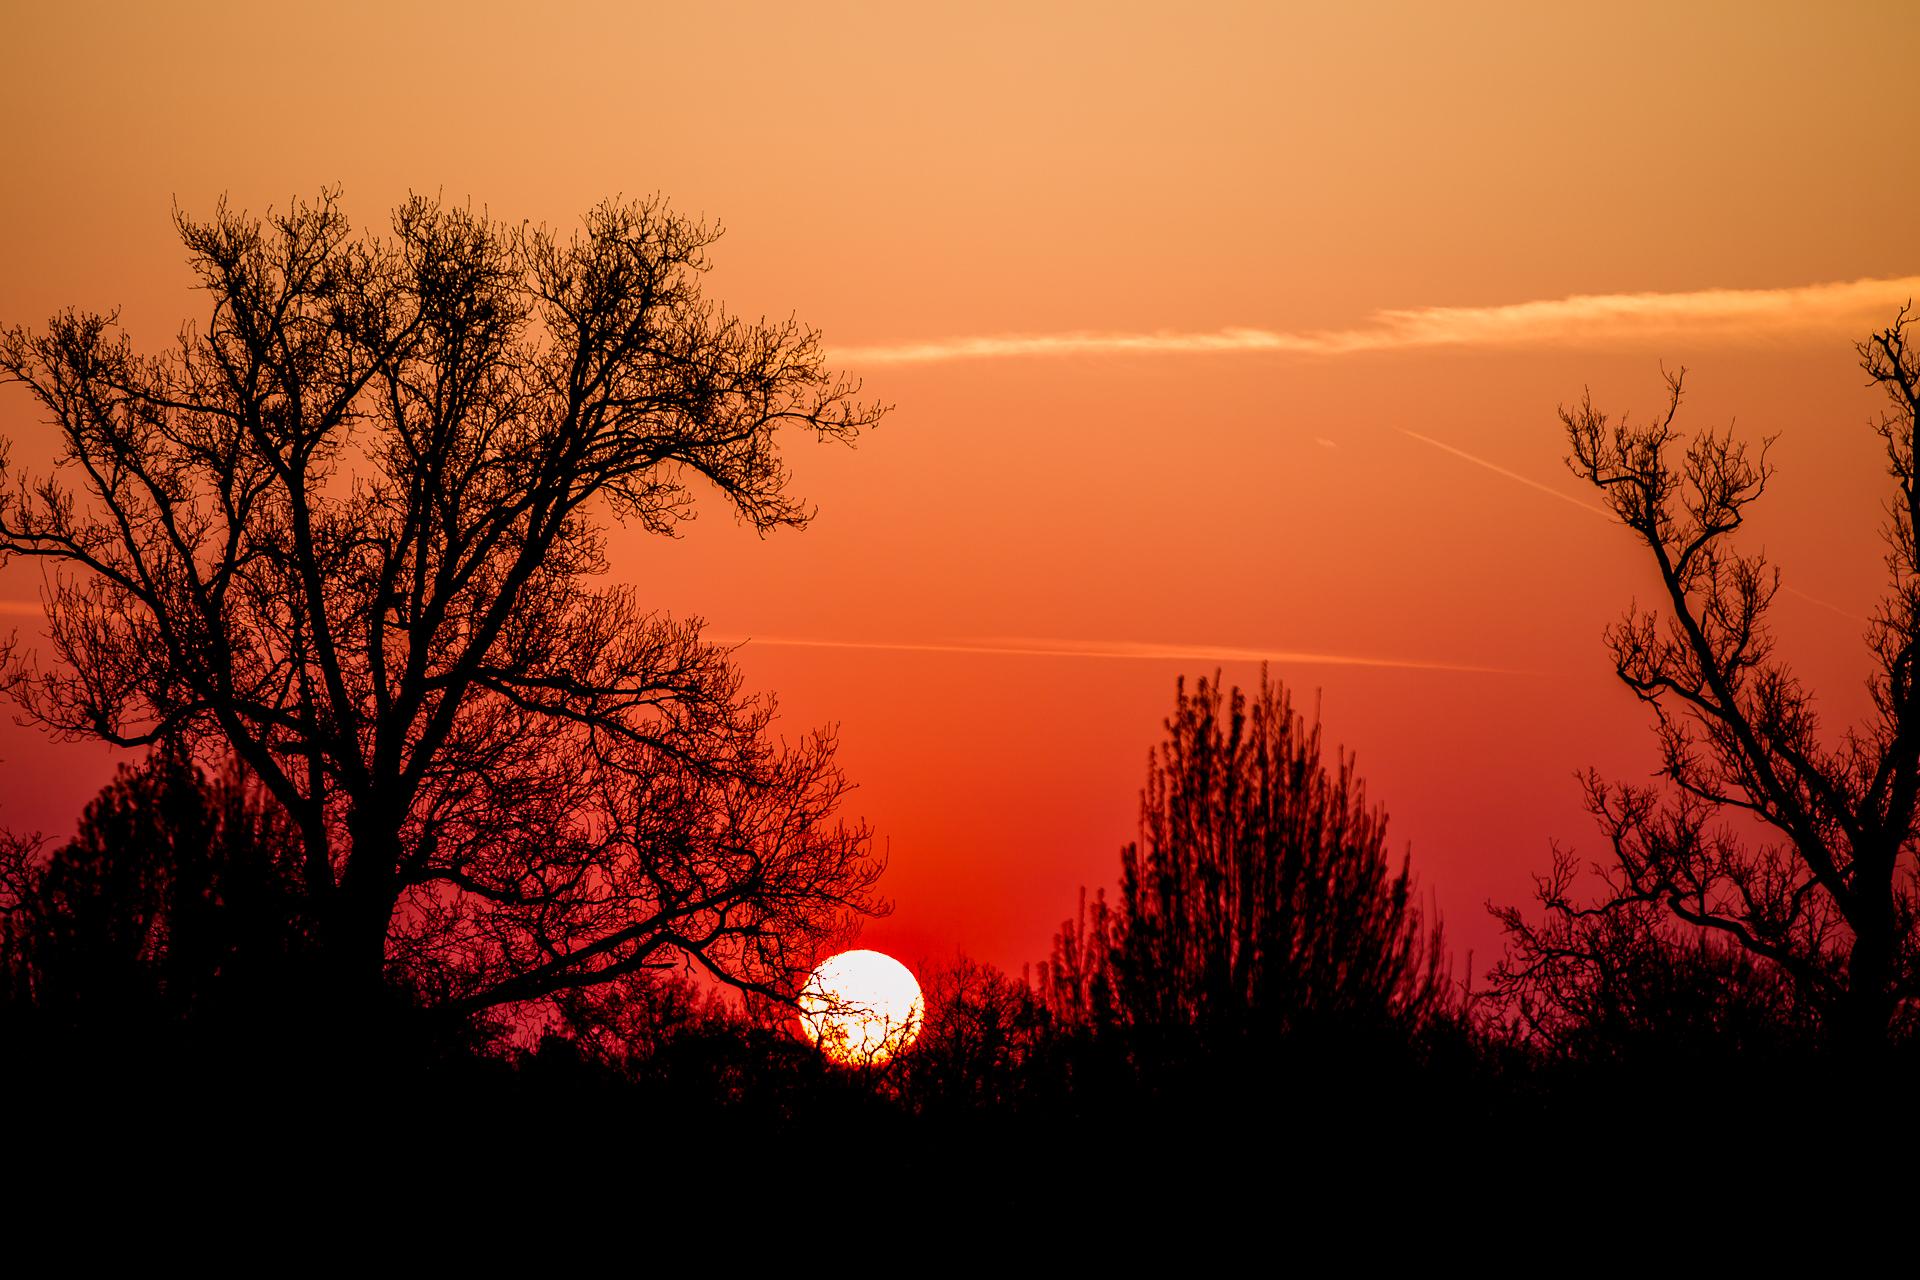 Sunrise in Monza // © marcellanger / www.adrenalmedia.com